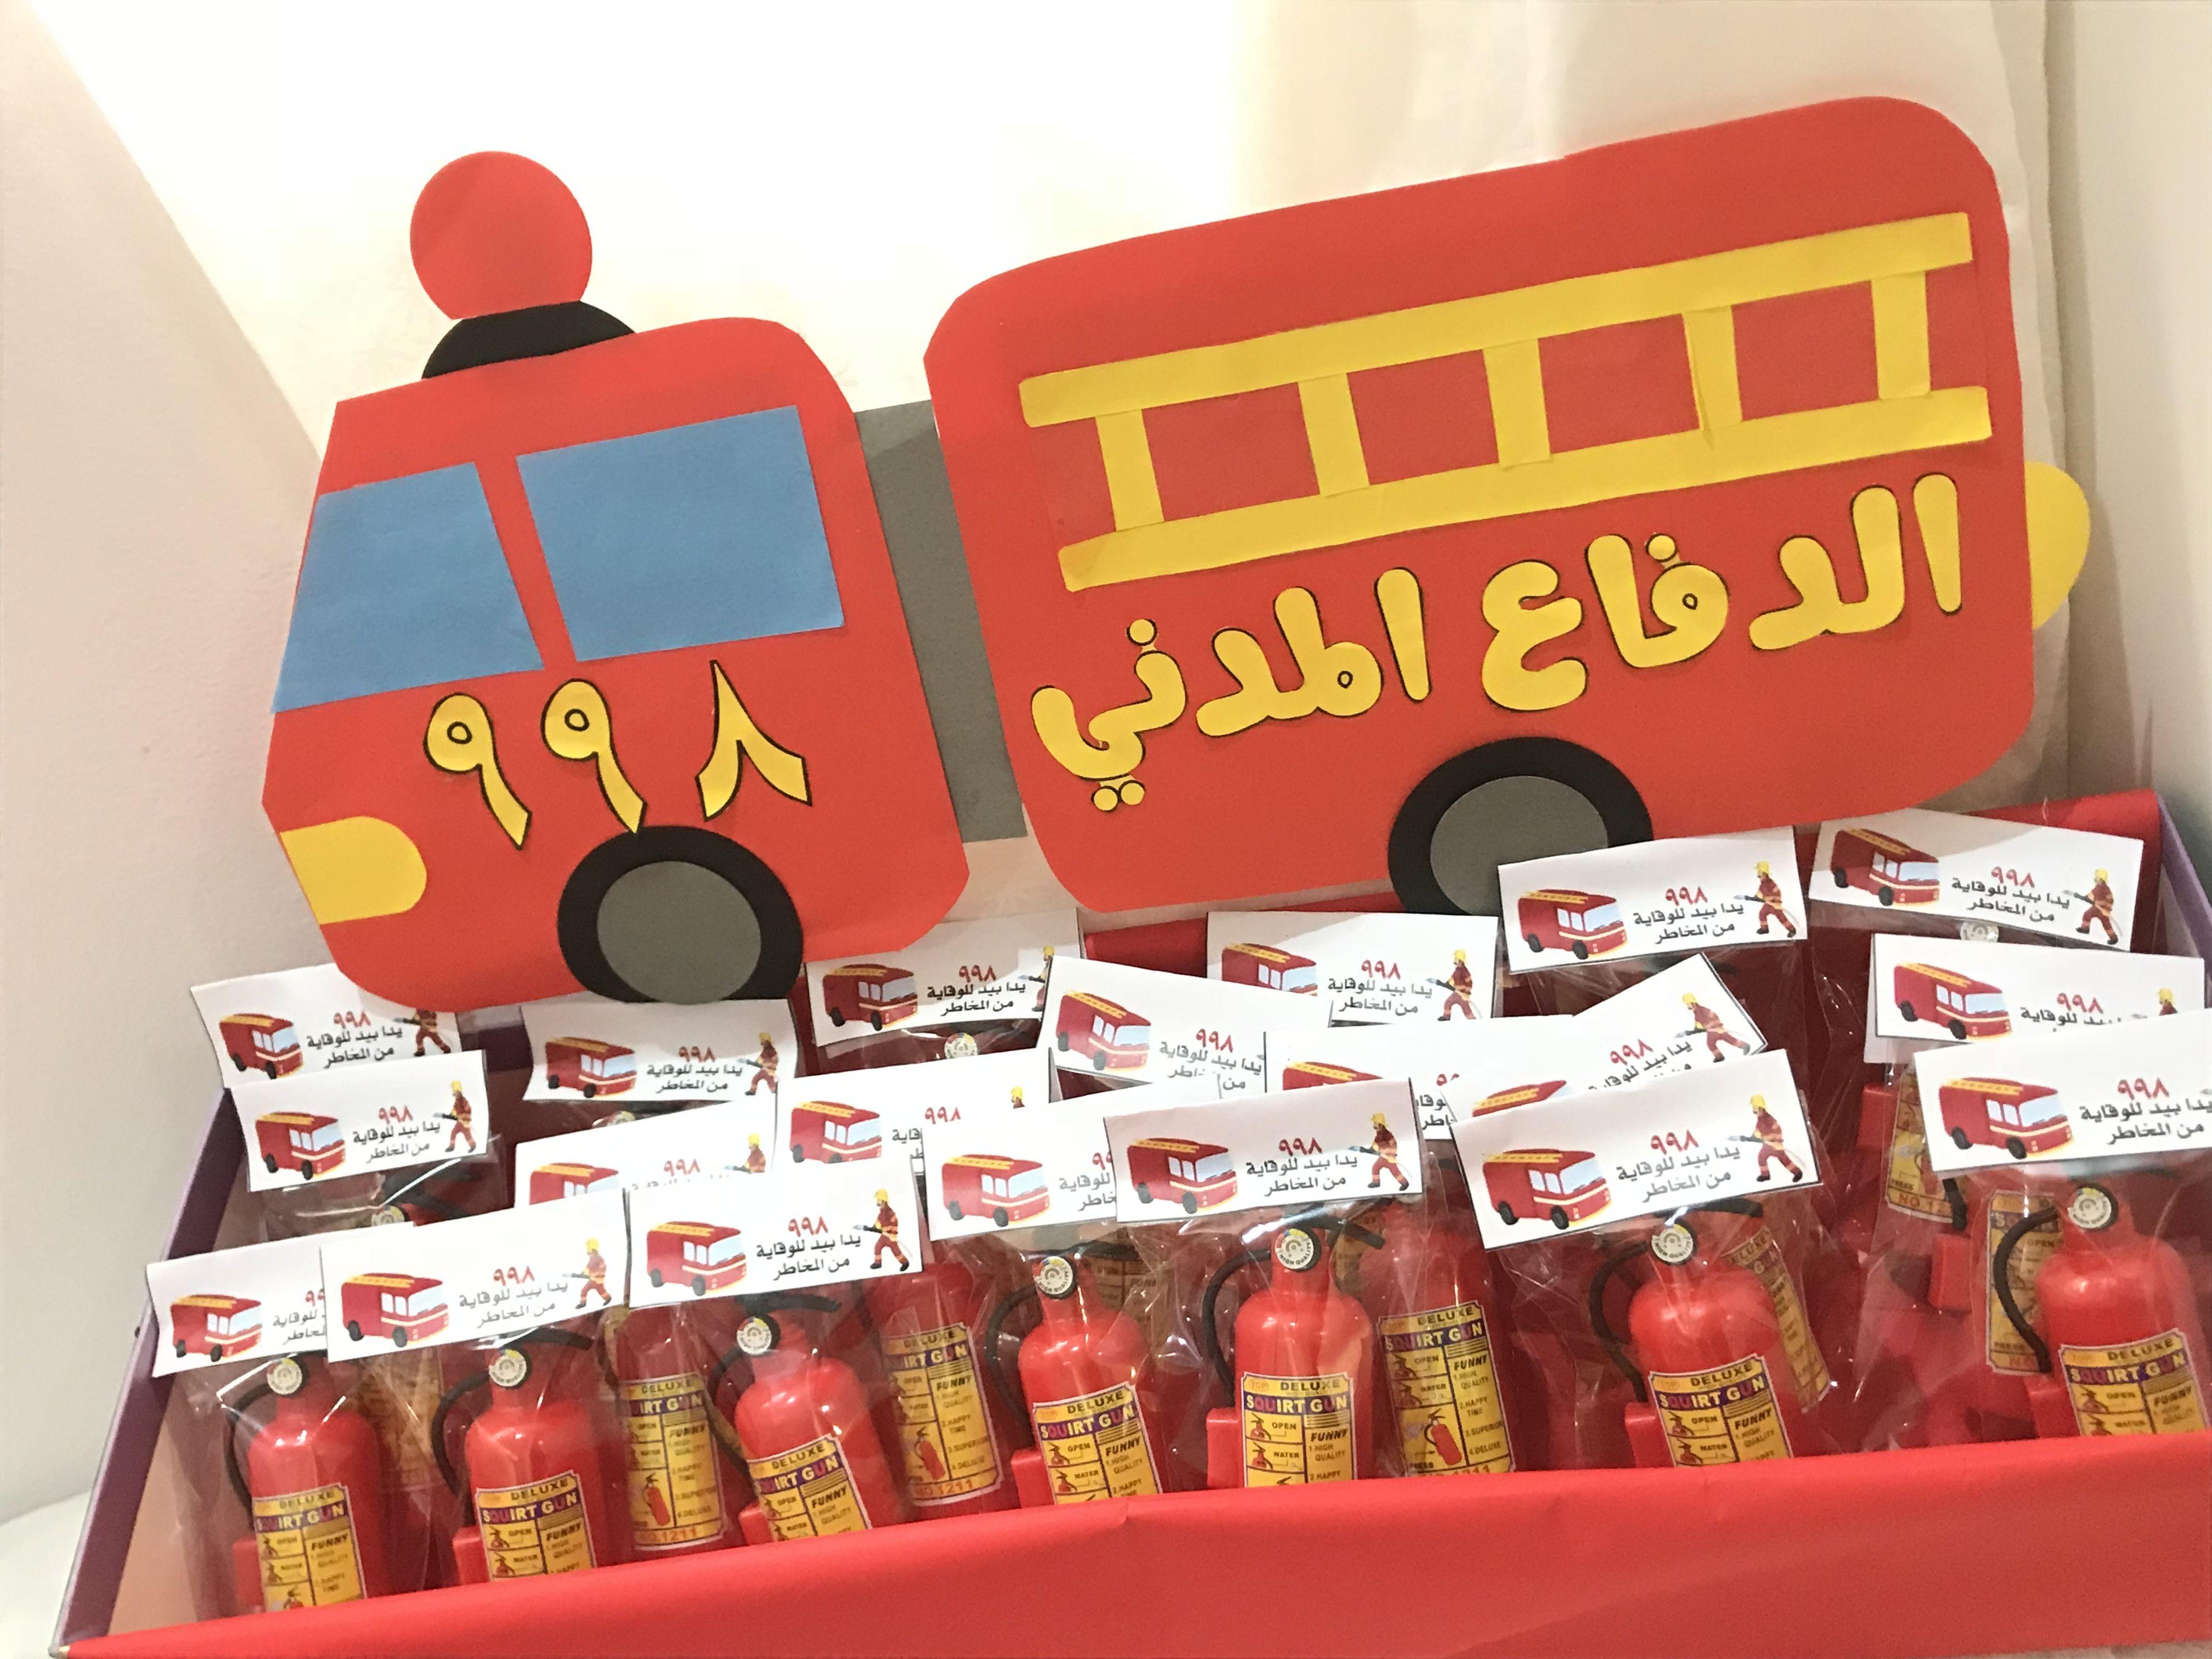 اليوم العالمي للدفاع المدني Pops Cereal Box Cereal Pops Eid